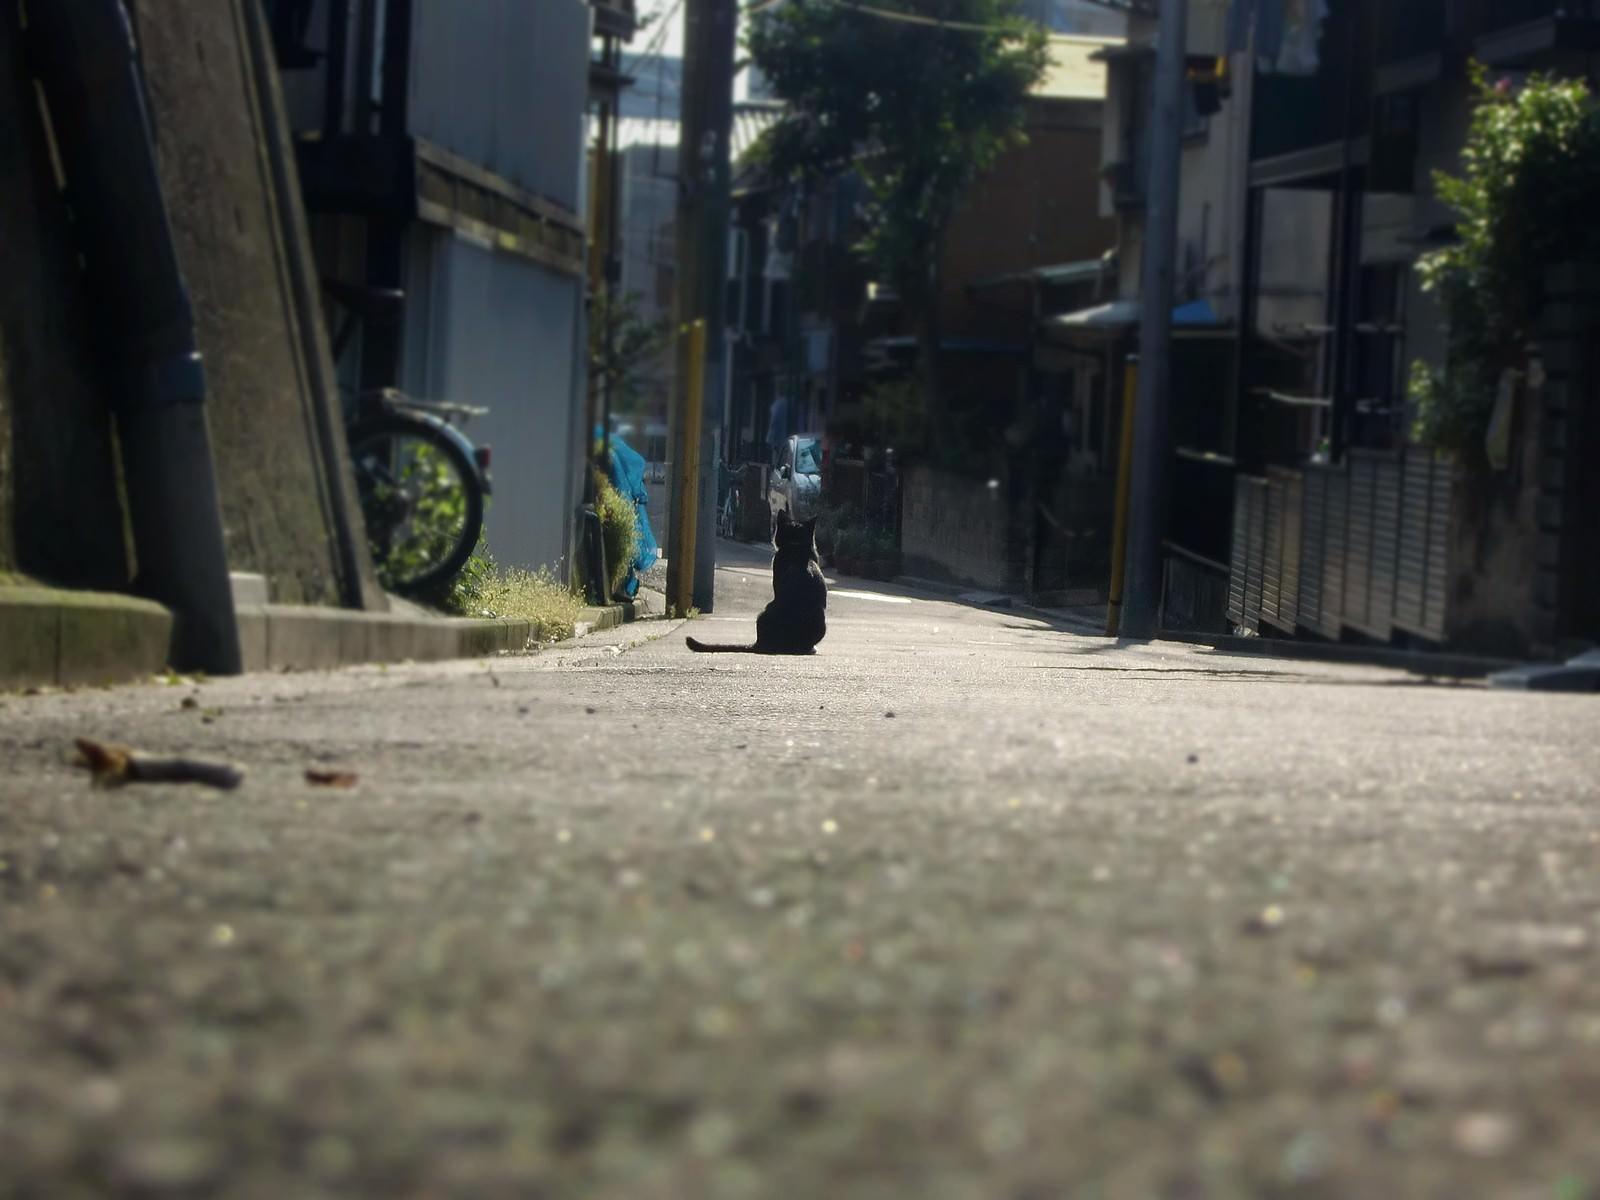 「主人の帰りを待つ猫 | 写真の無料素材・フリー素材 - ぱくたそ」の写真